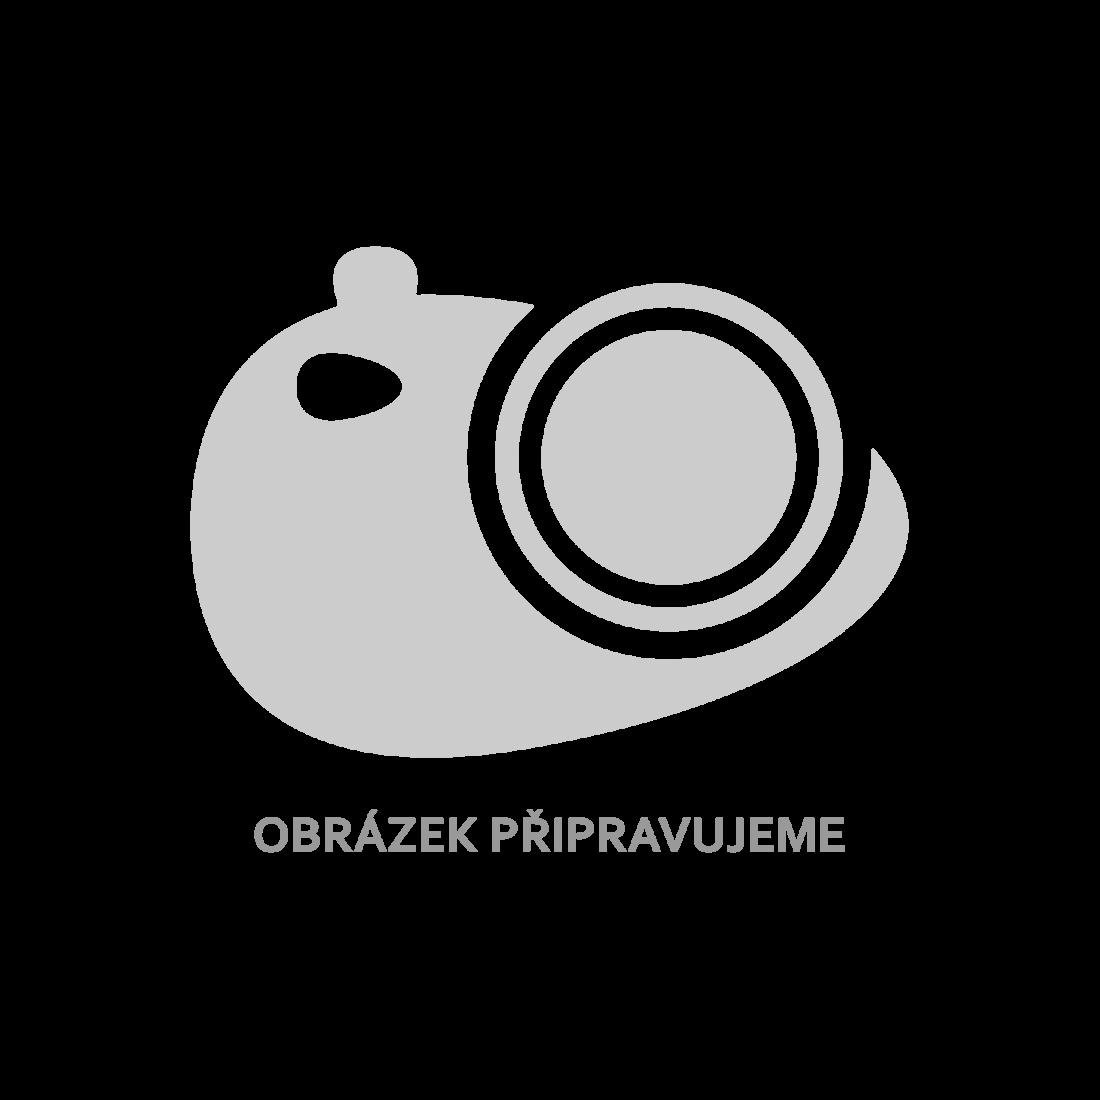 vidaXL Lavice 97 cm modrá sametová tkanina a nerezová ocel [249850]